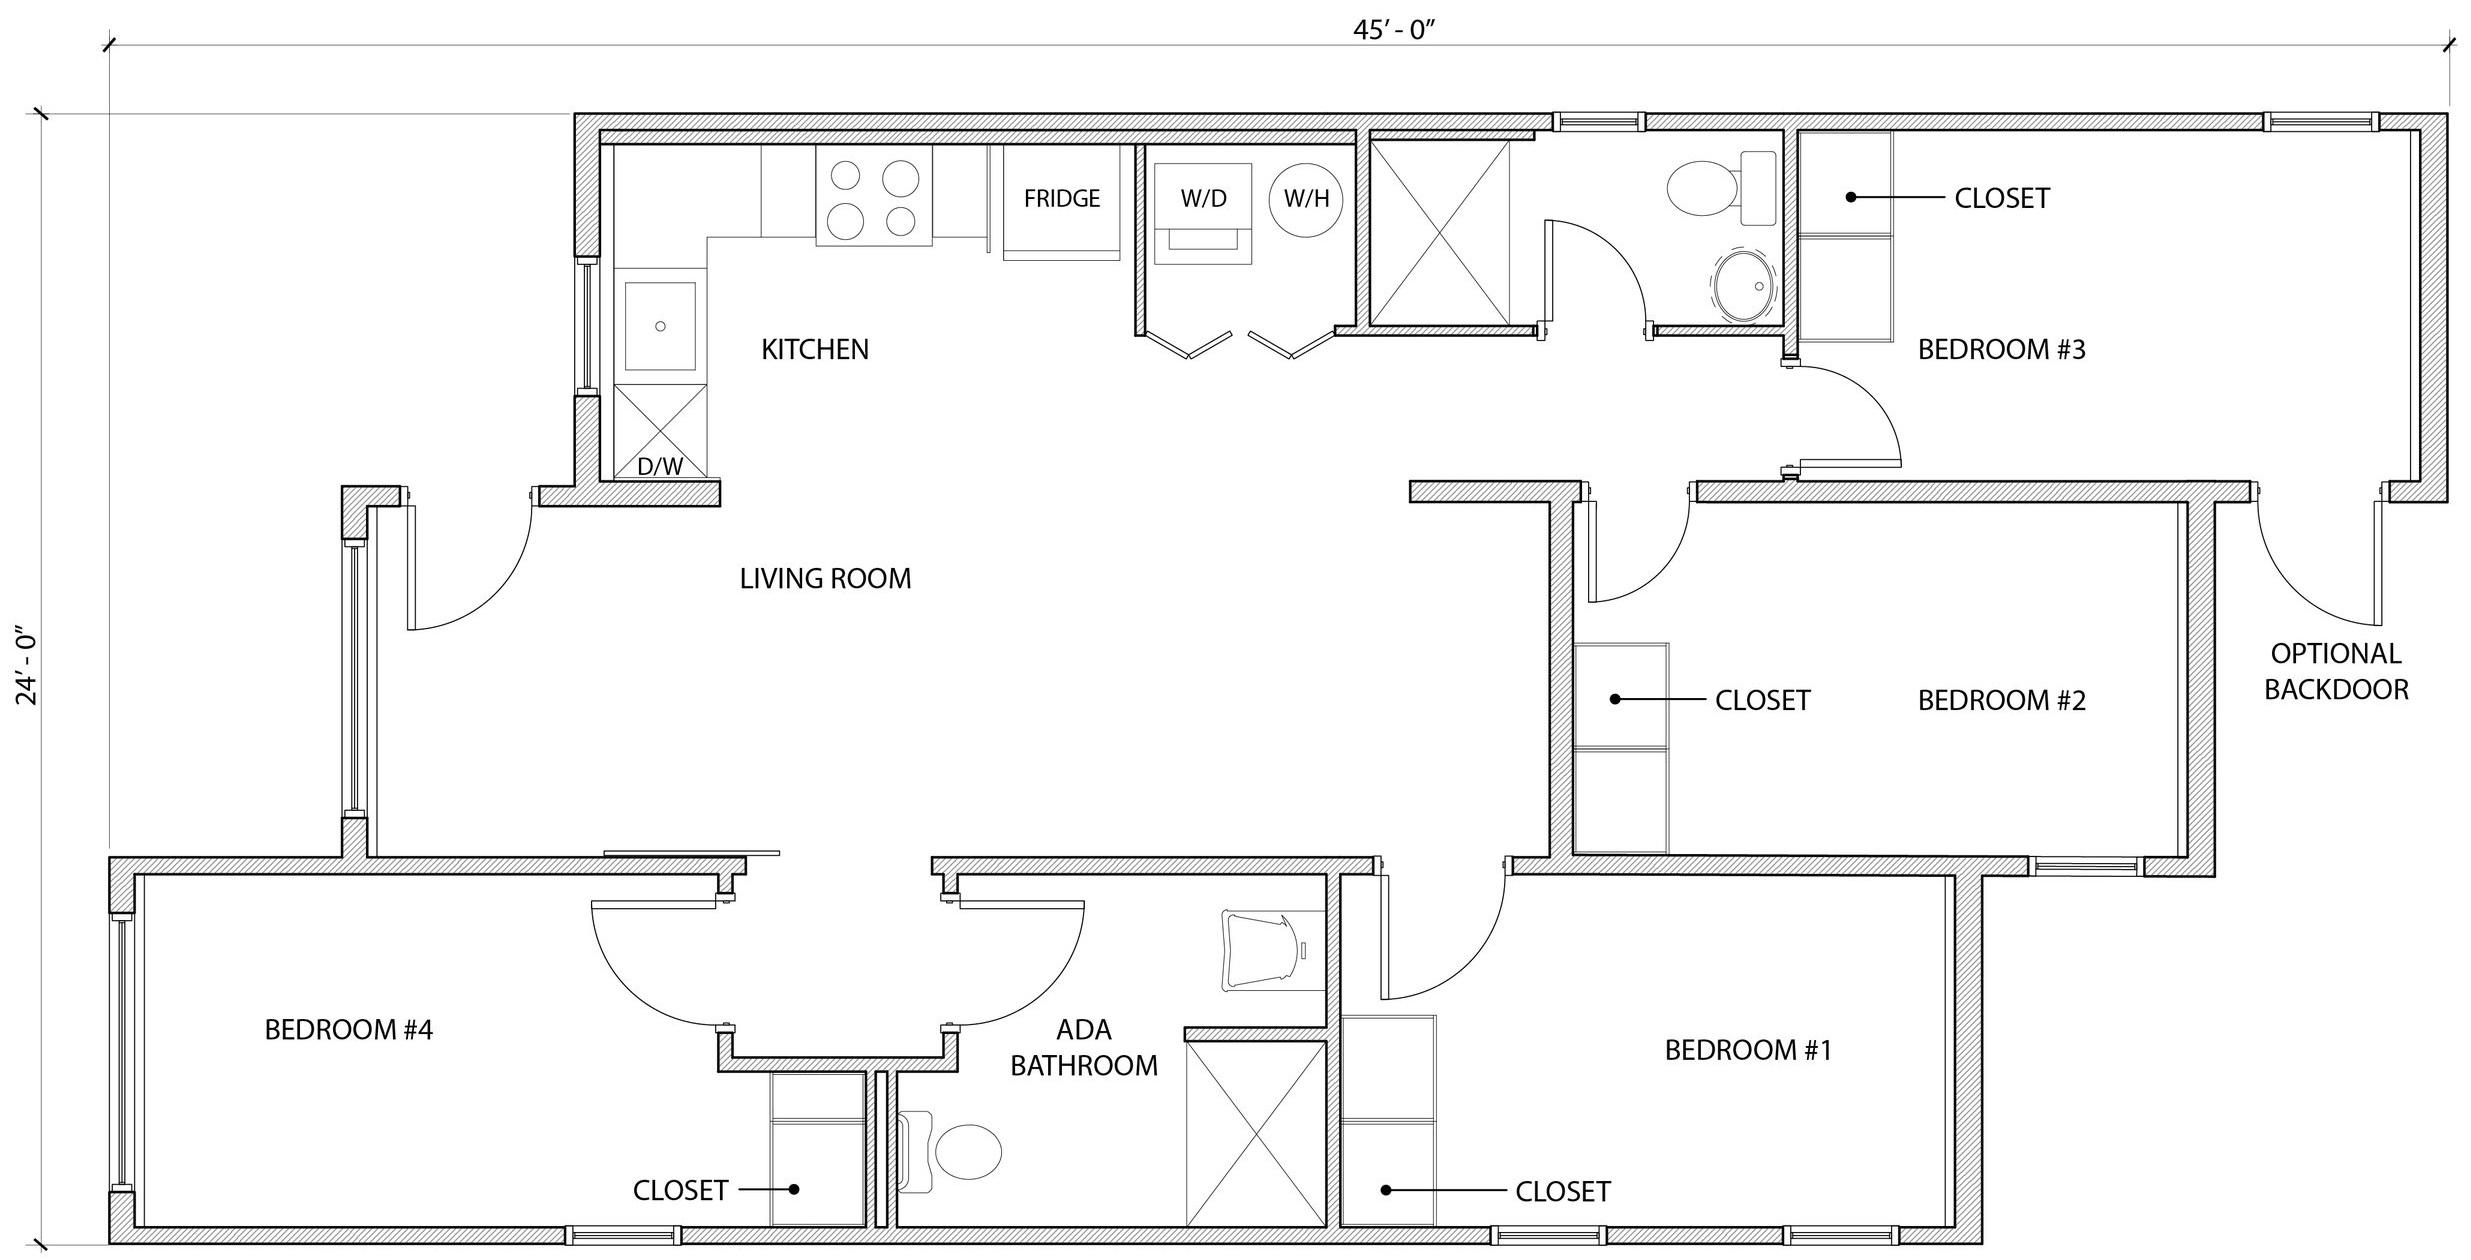 4 Bedroom ADA Type B